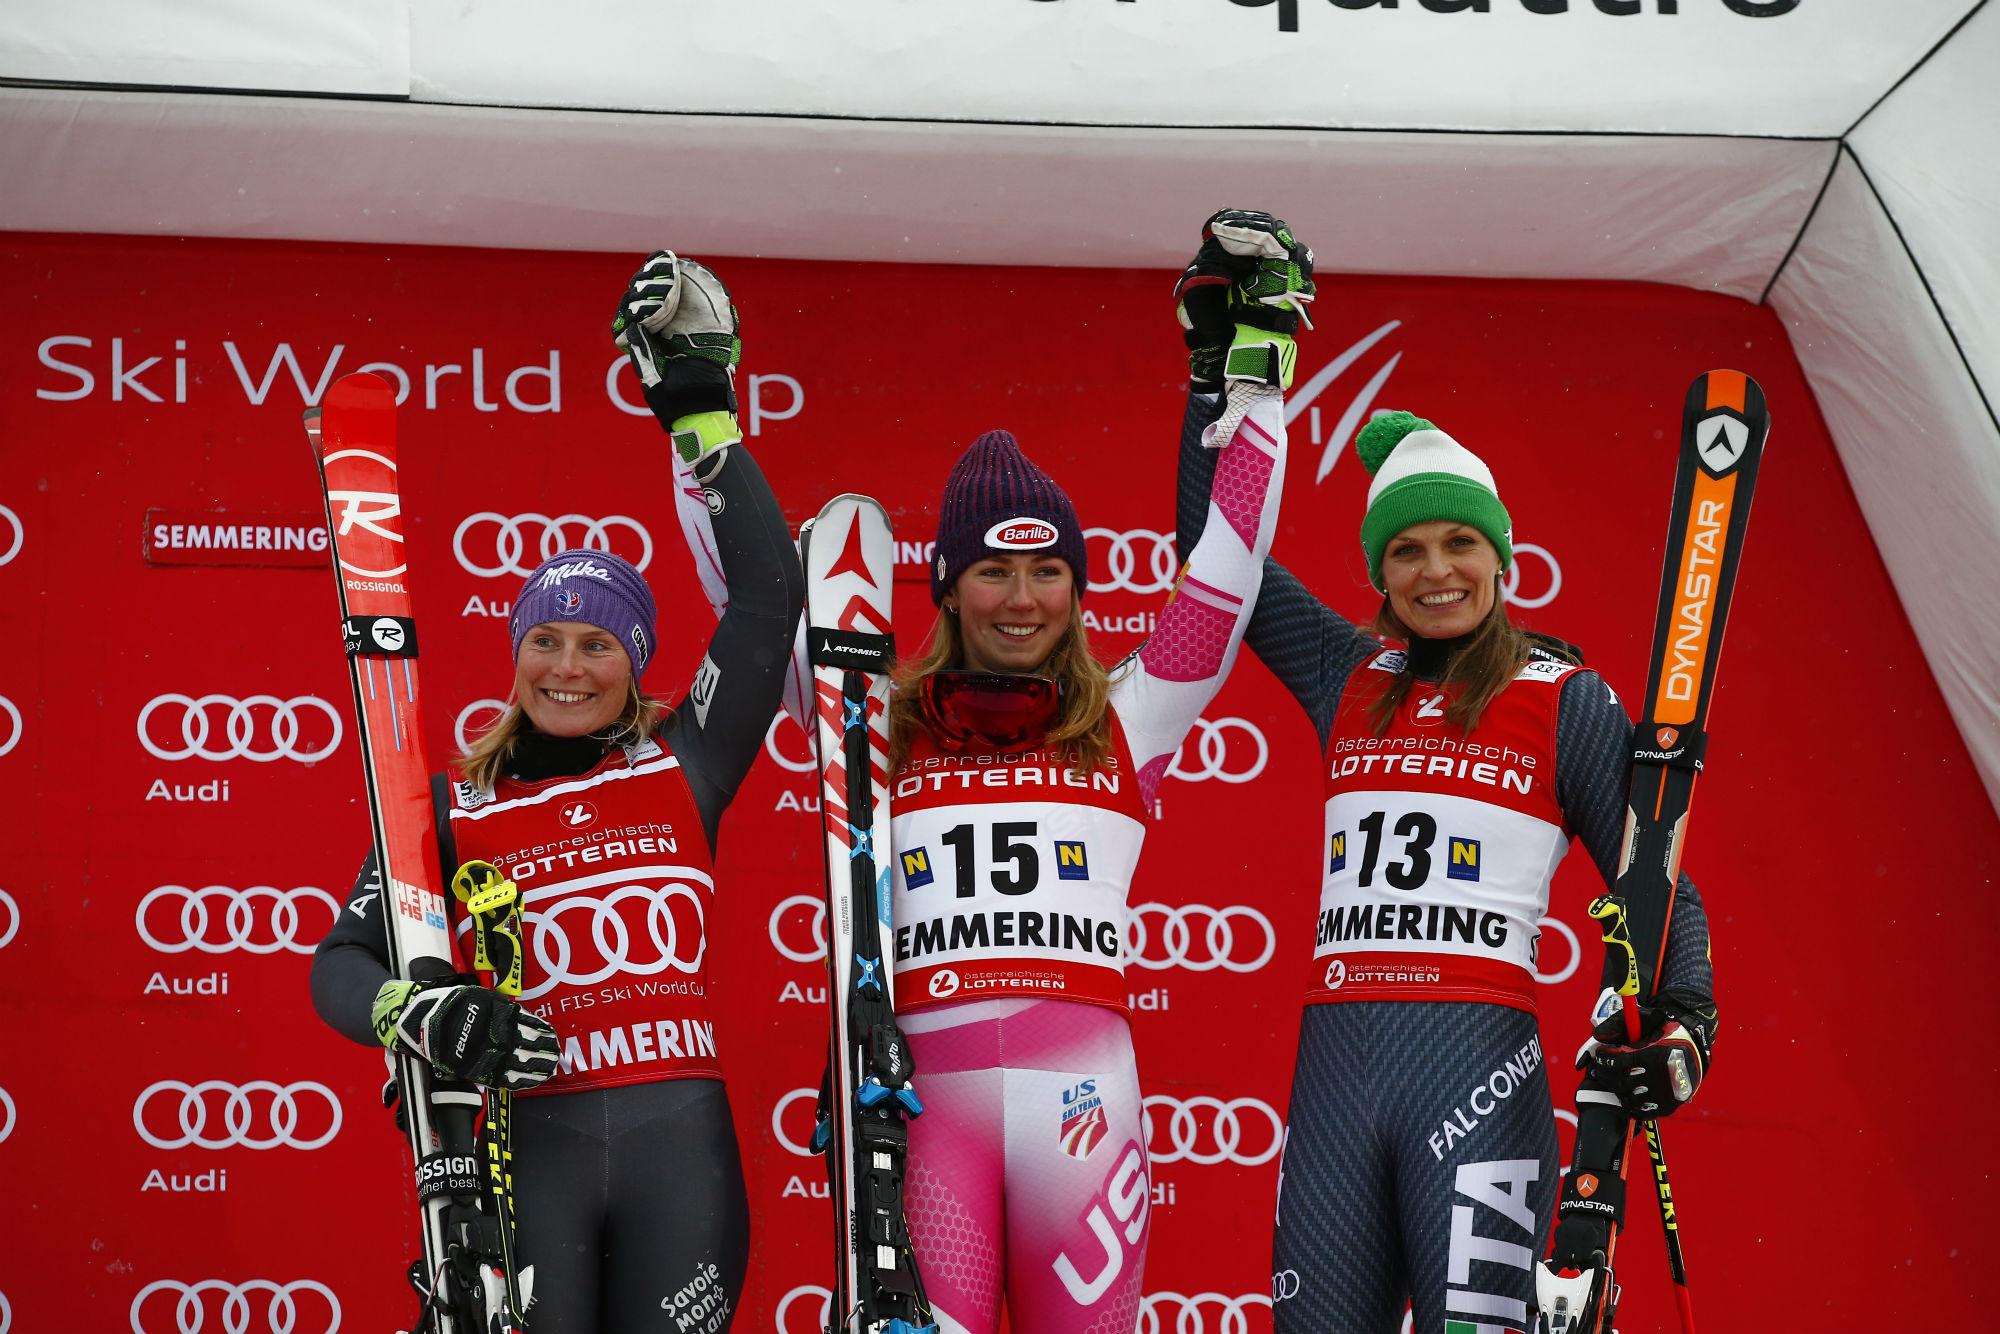 Da sinistra: Tessa Worley, Mikaela Shiffrin, Manuela Moelgg. Il podio del 1° gigante a Semmering nel dicembre 2016 (@Pentaphoto)